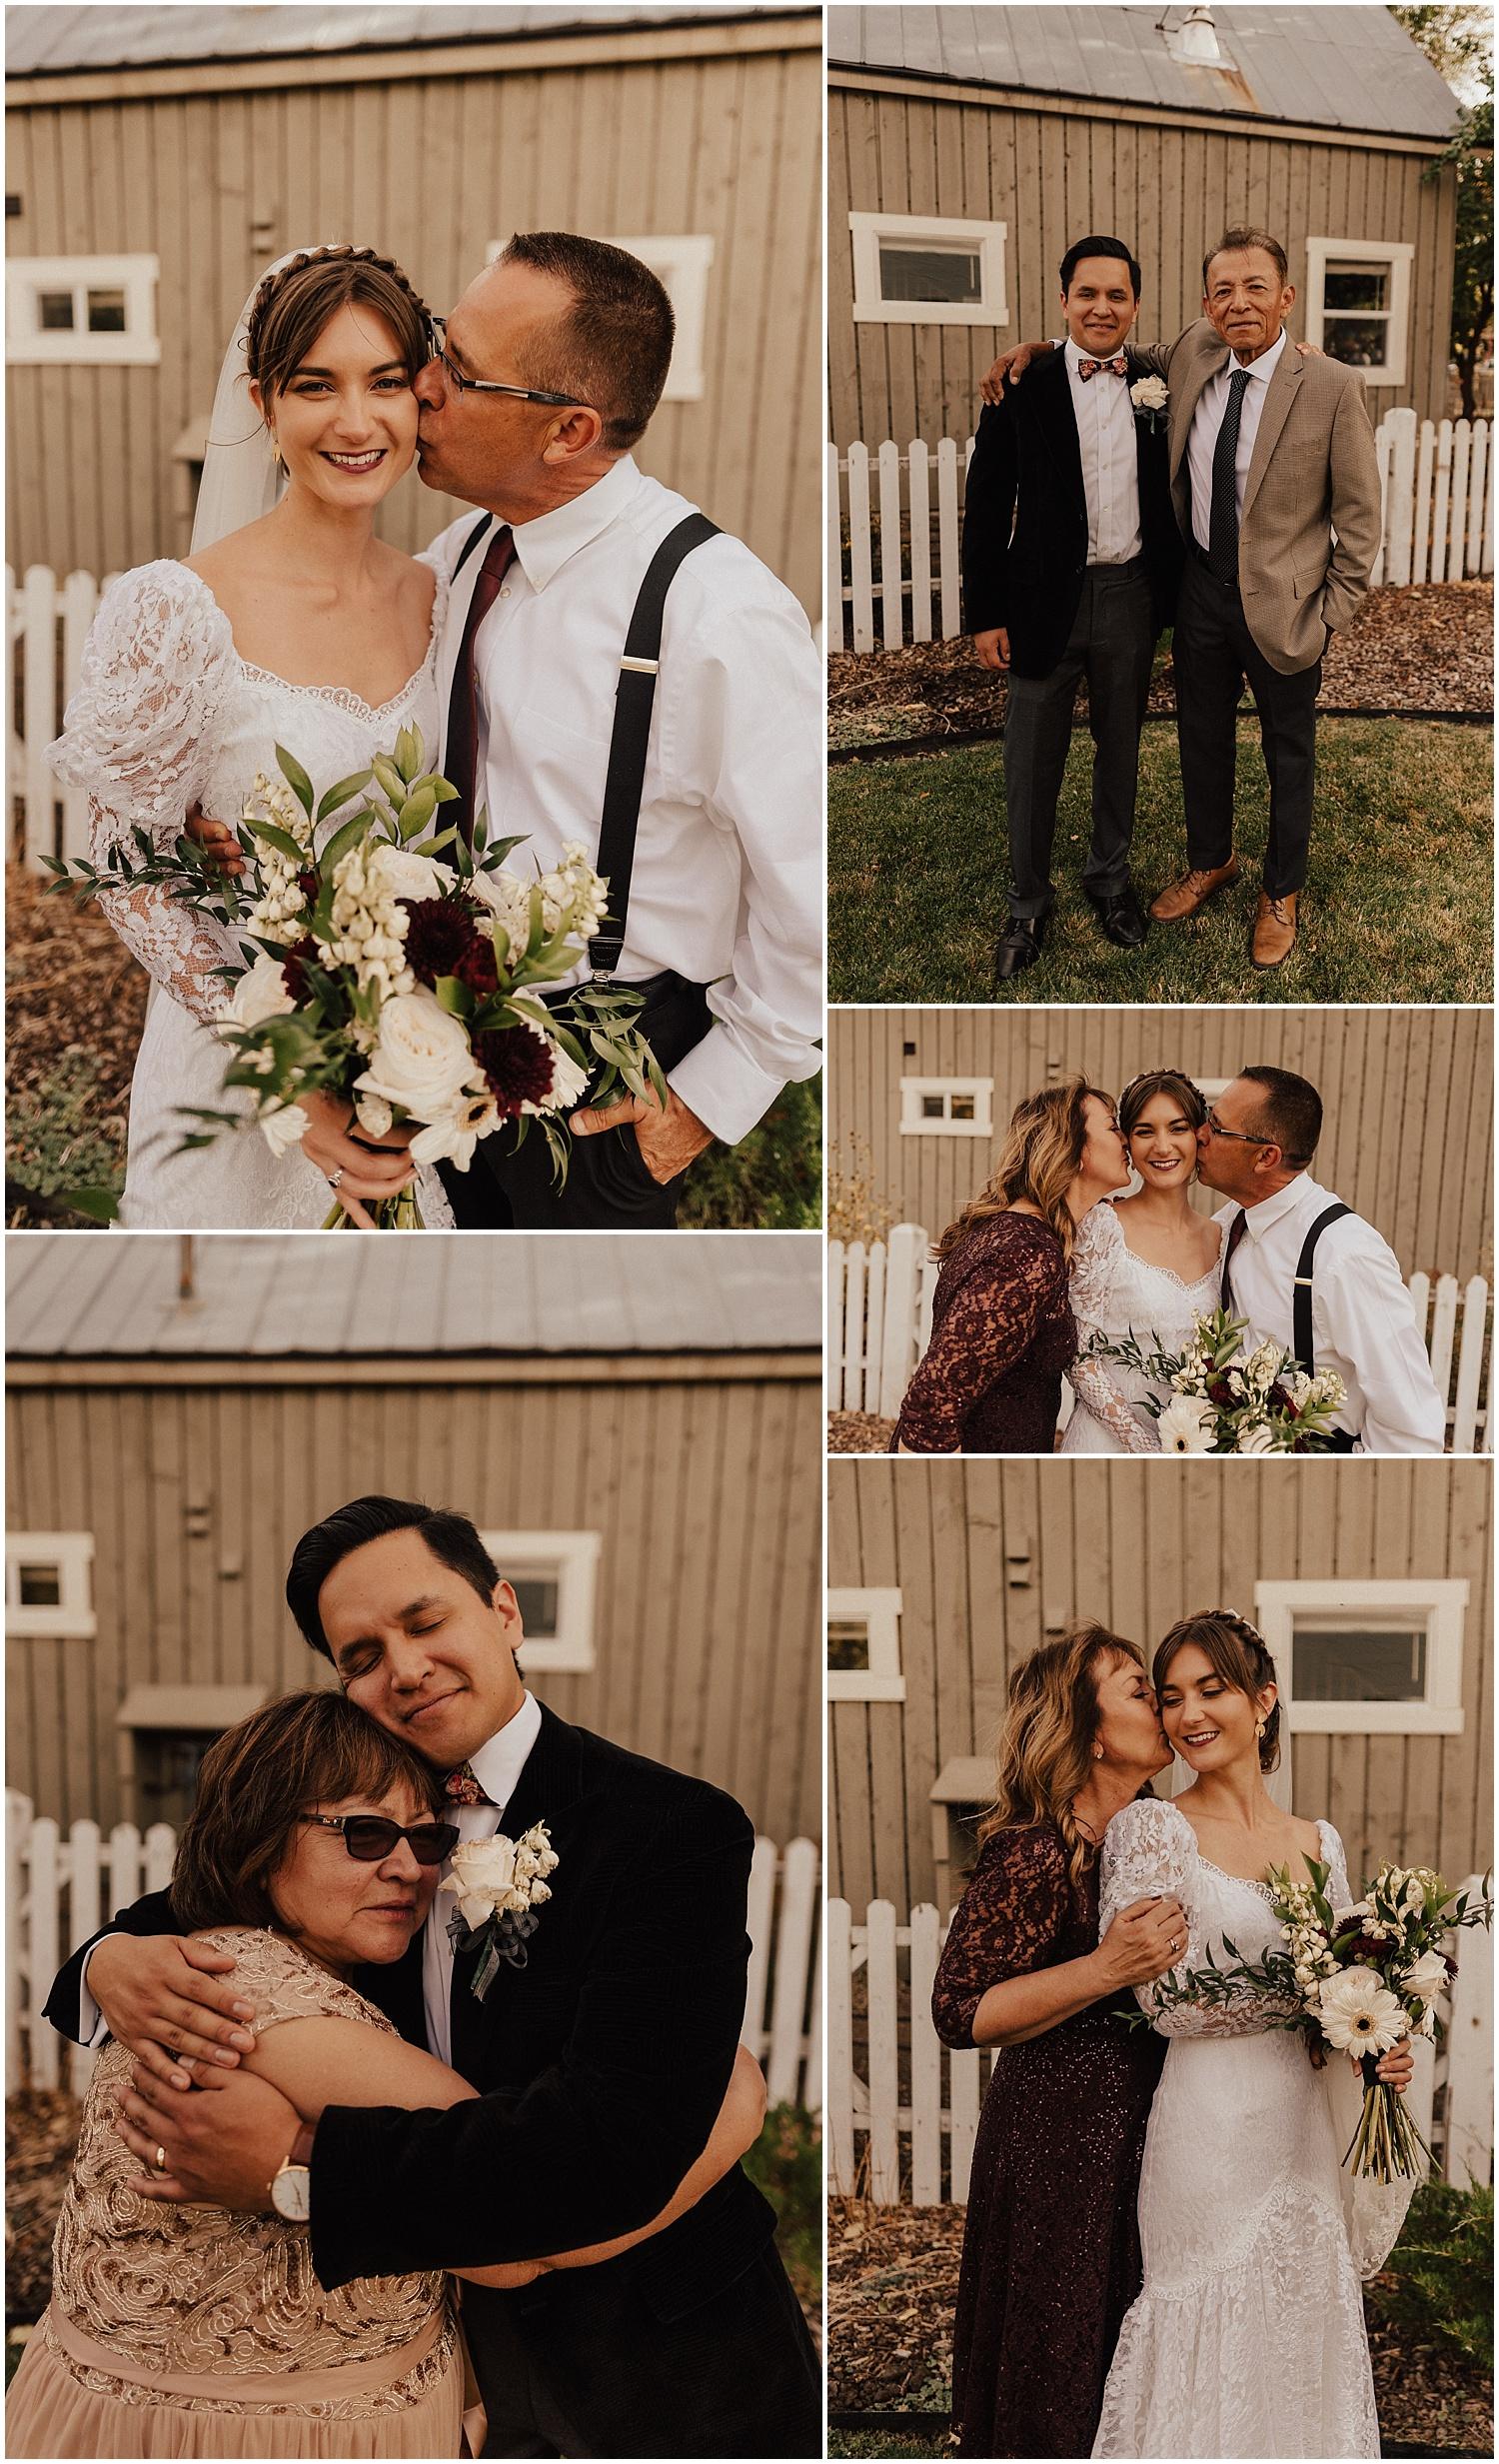 church-wedding-industrial-reception-sunvalley-idaho70.jpg